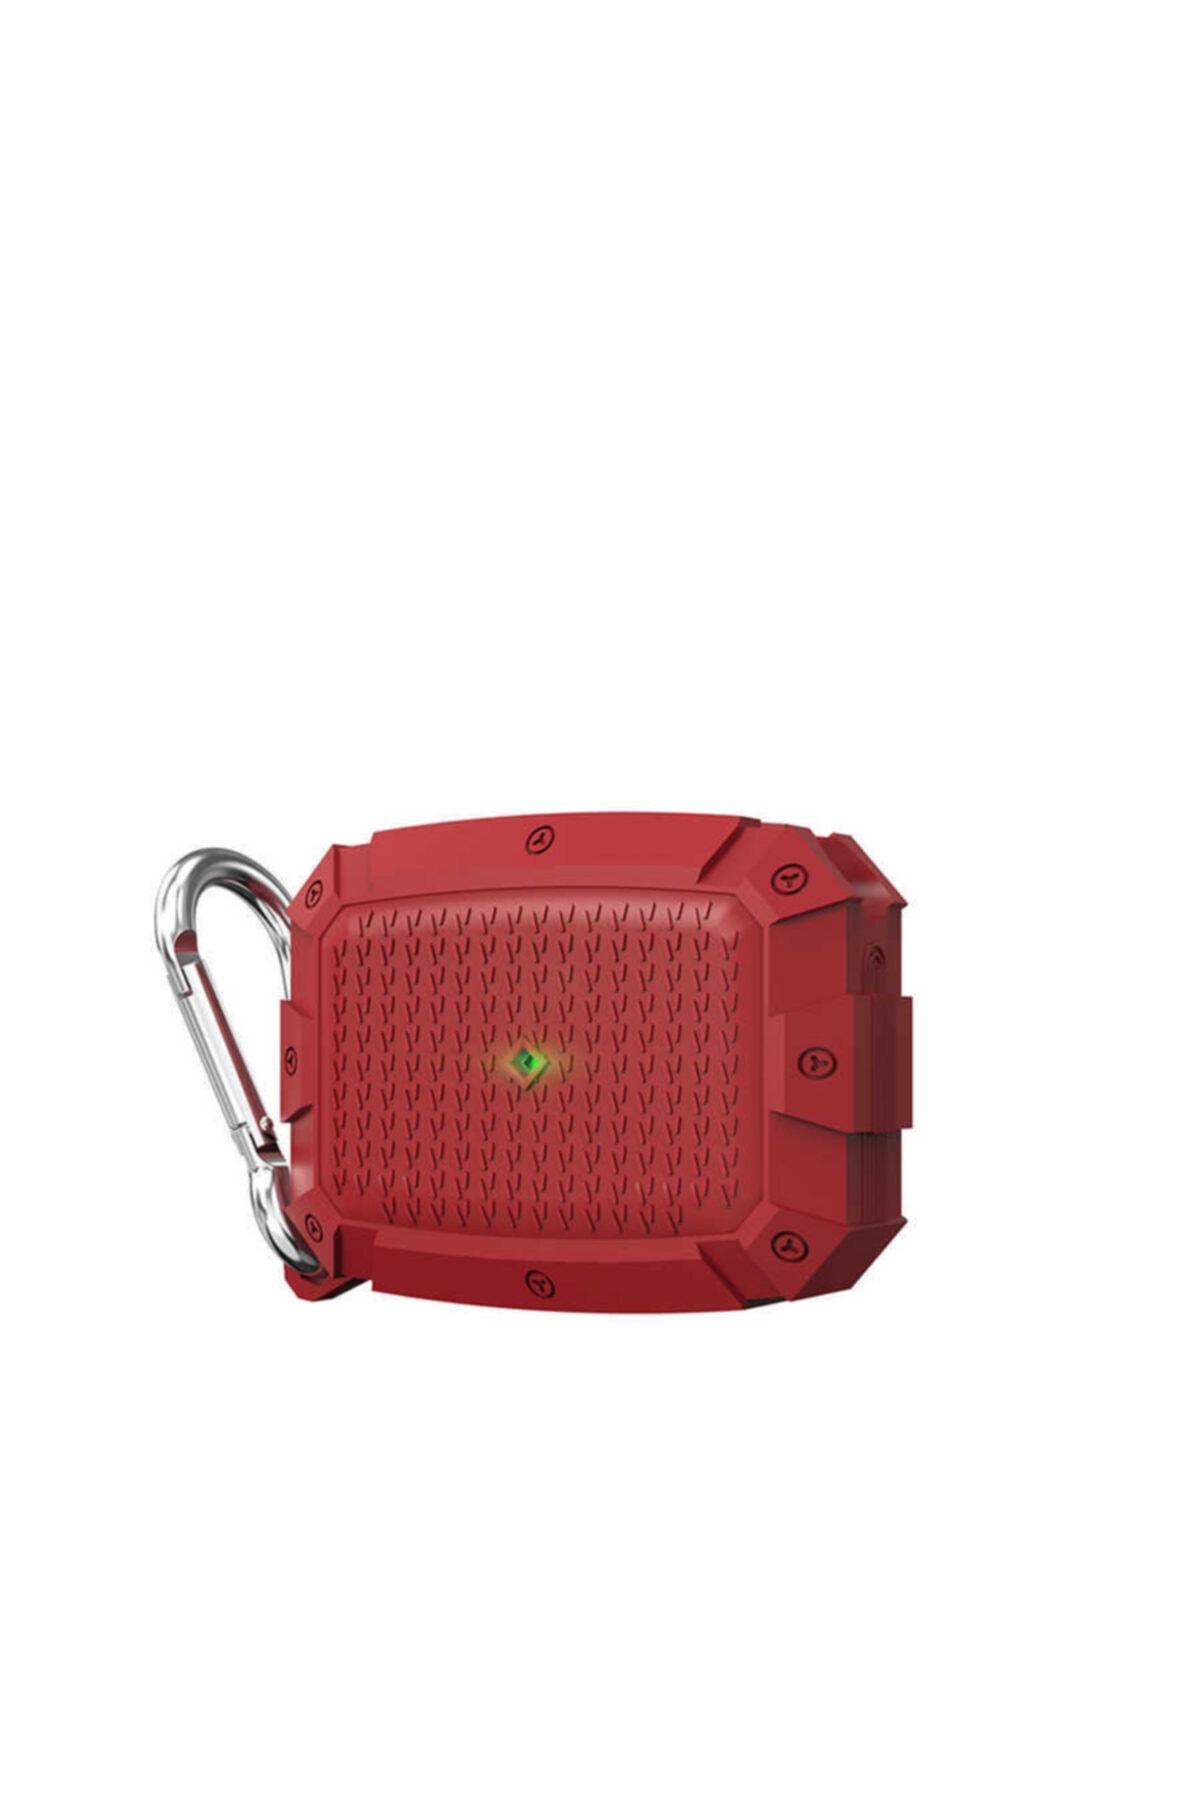 zore Airpods Pro Uyumlu Kılıf Darbe Emici Zırh Görünüm Köşe Korumalı Renkli Wireless Şarj Askılı Kancalı 1